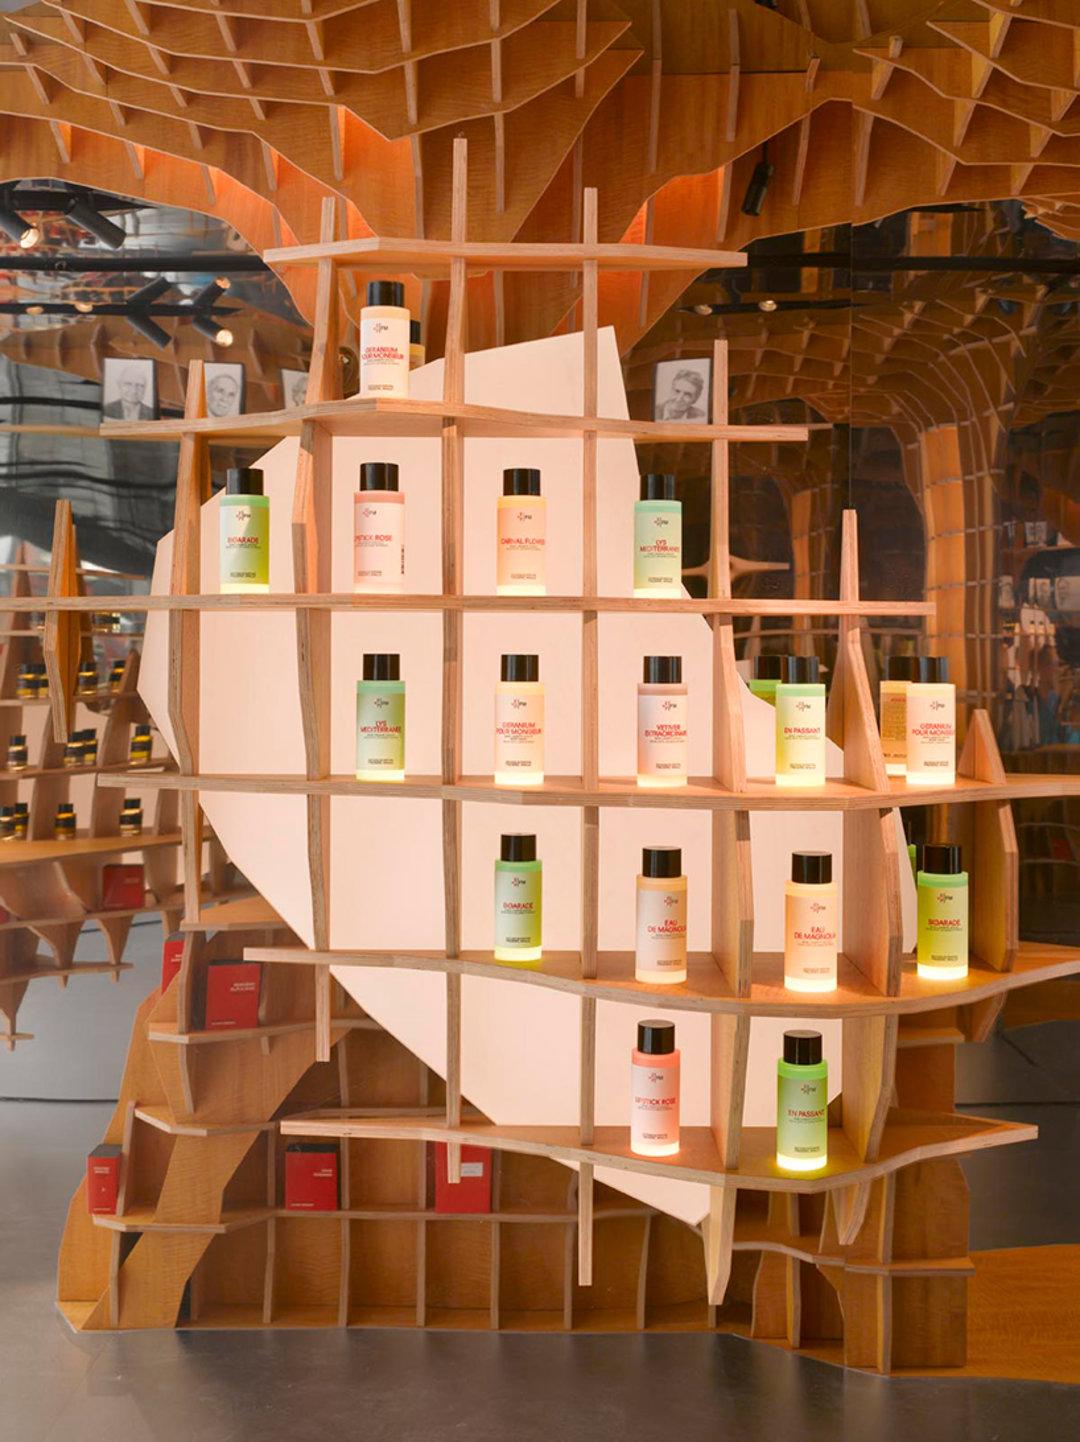 调香师和建筑师的灵感碰撞,结果是这样一家香水店_设计_好奇心日报